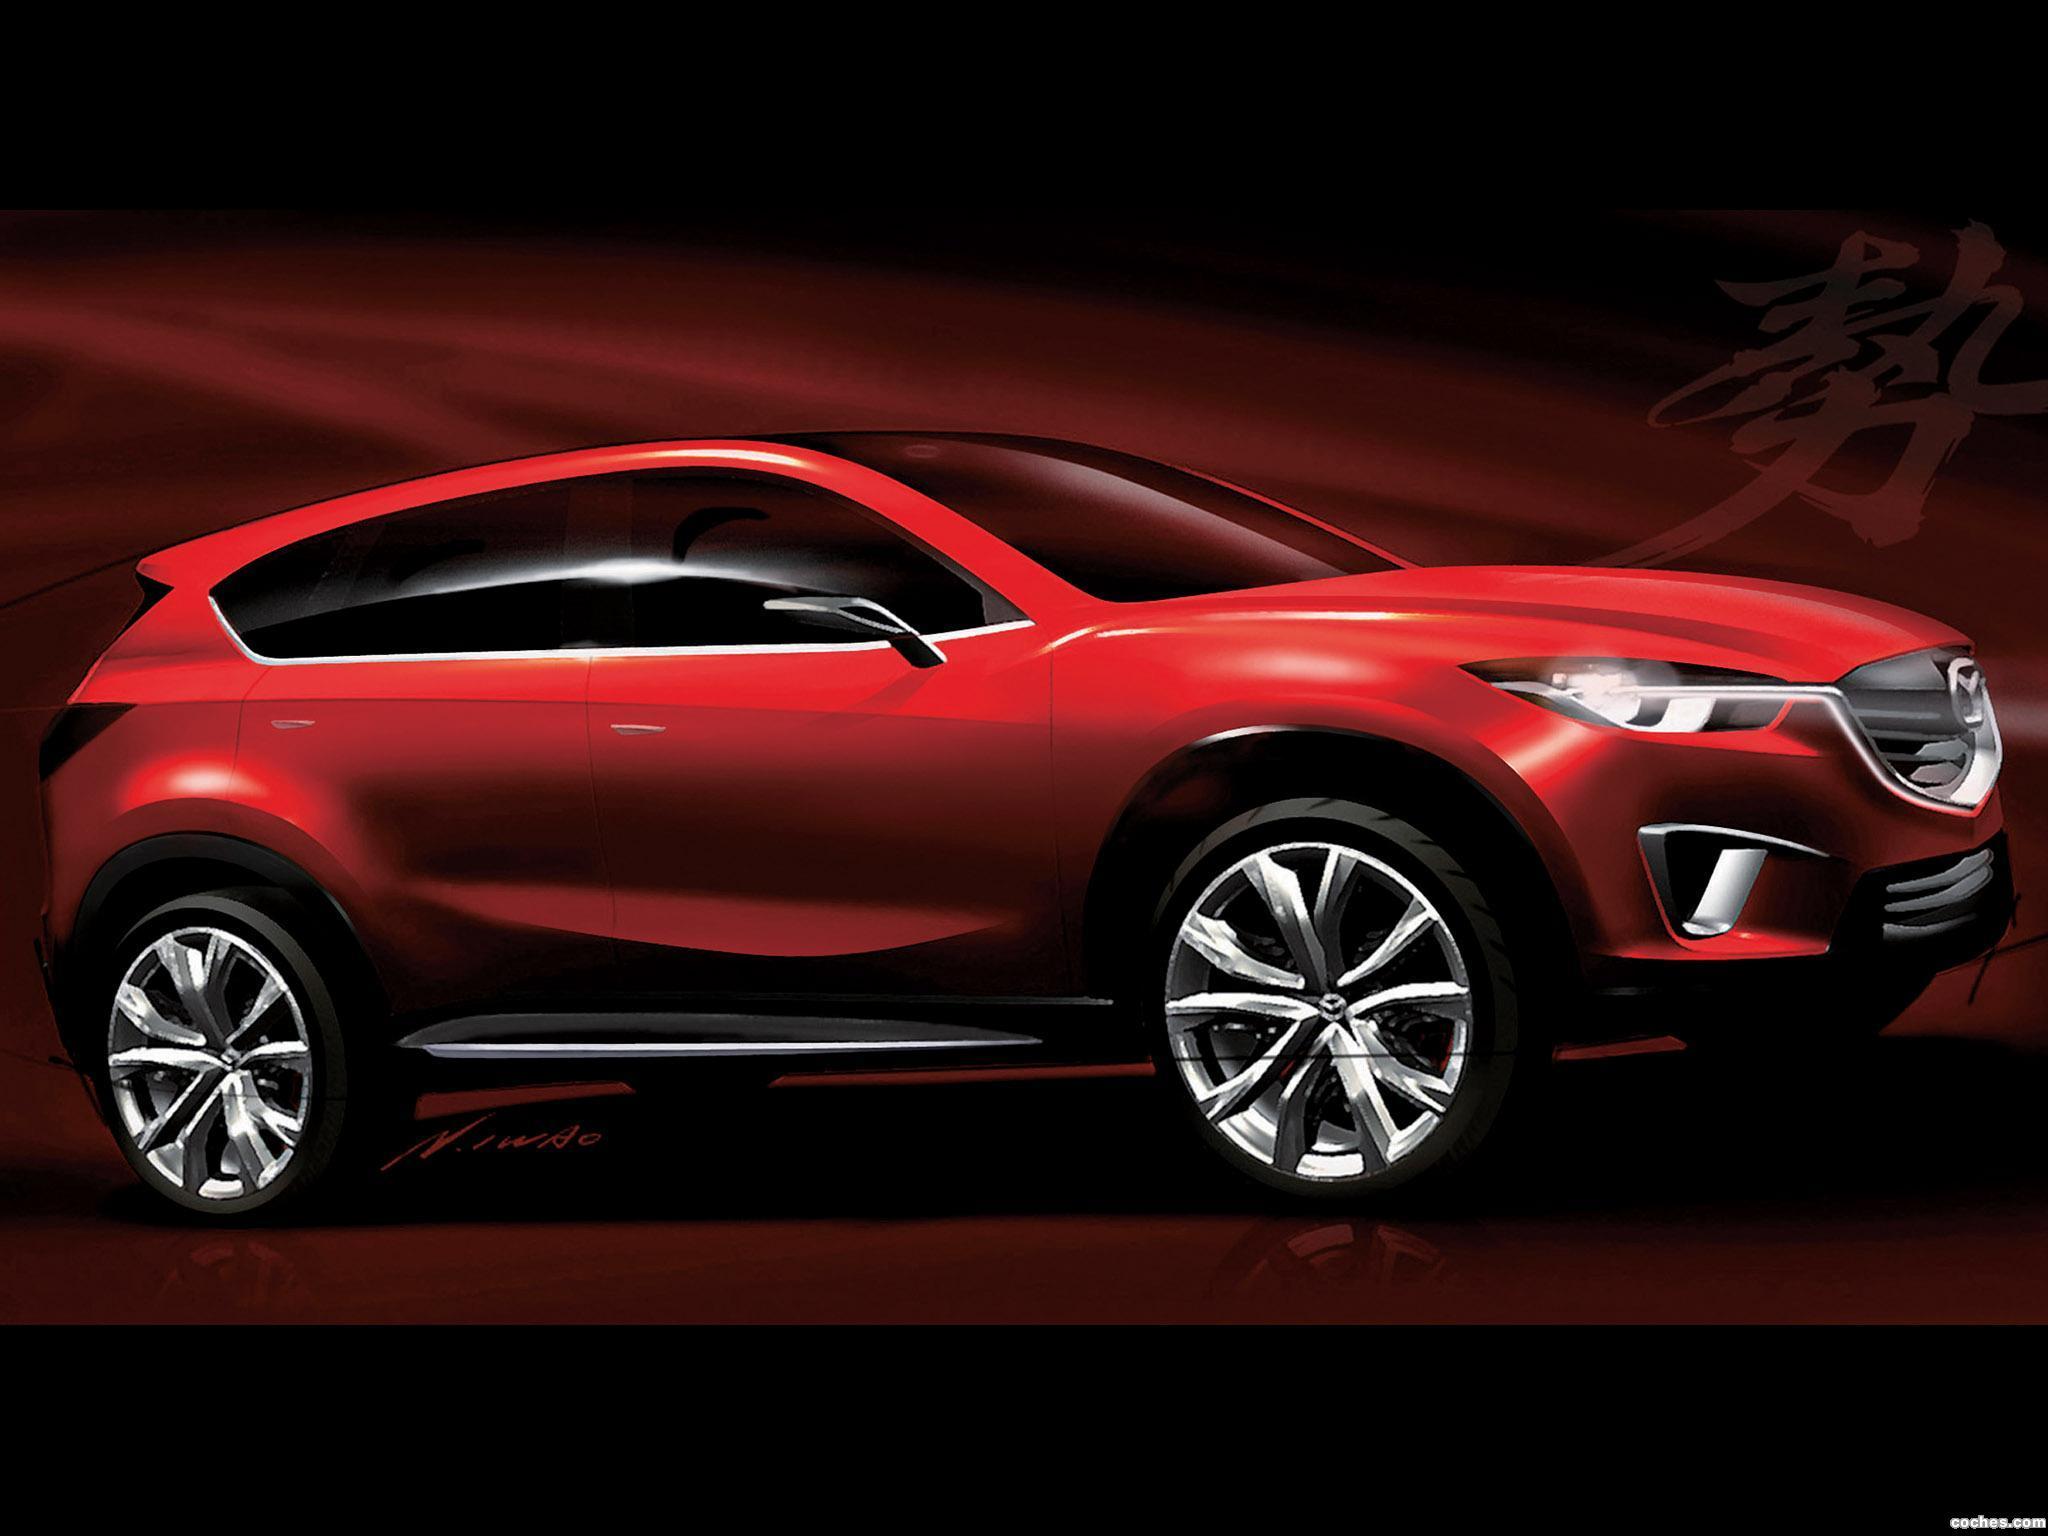 Foto 0 de Mazda Minagi Concept 2011